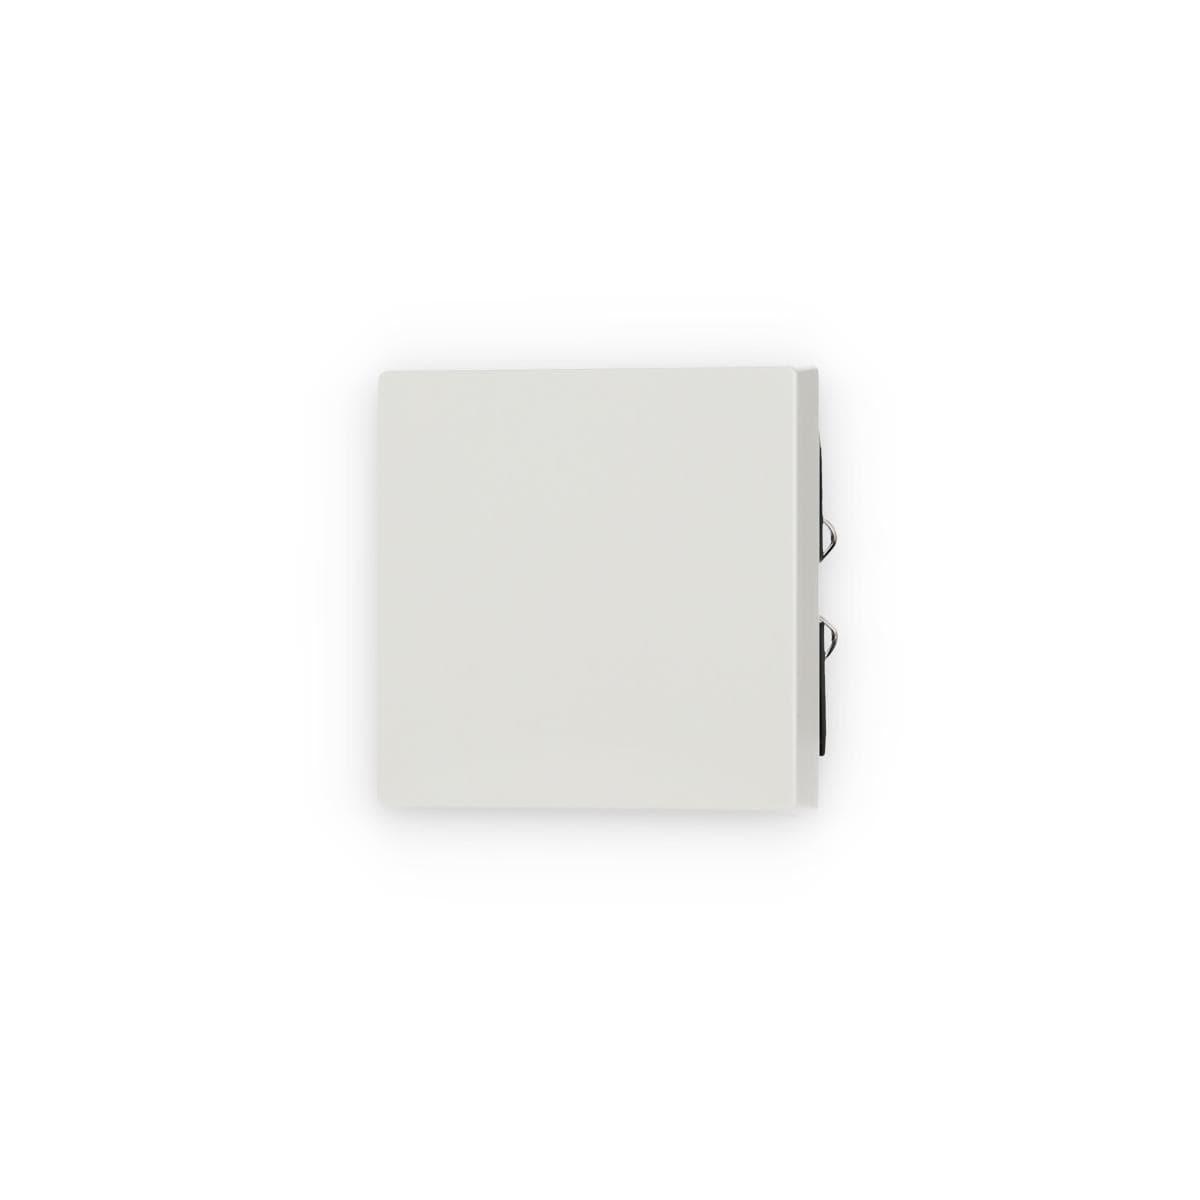 wippe polarwei gl nzend system m merten 432119 von merten bei elektroshop wagner. Black Bedroom Furniture Sets. Home Design Ideas